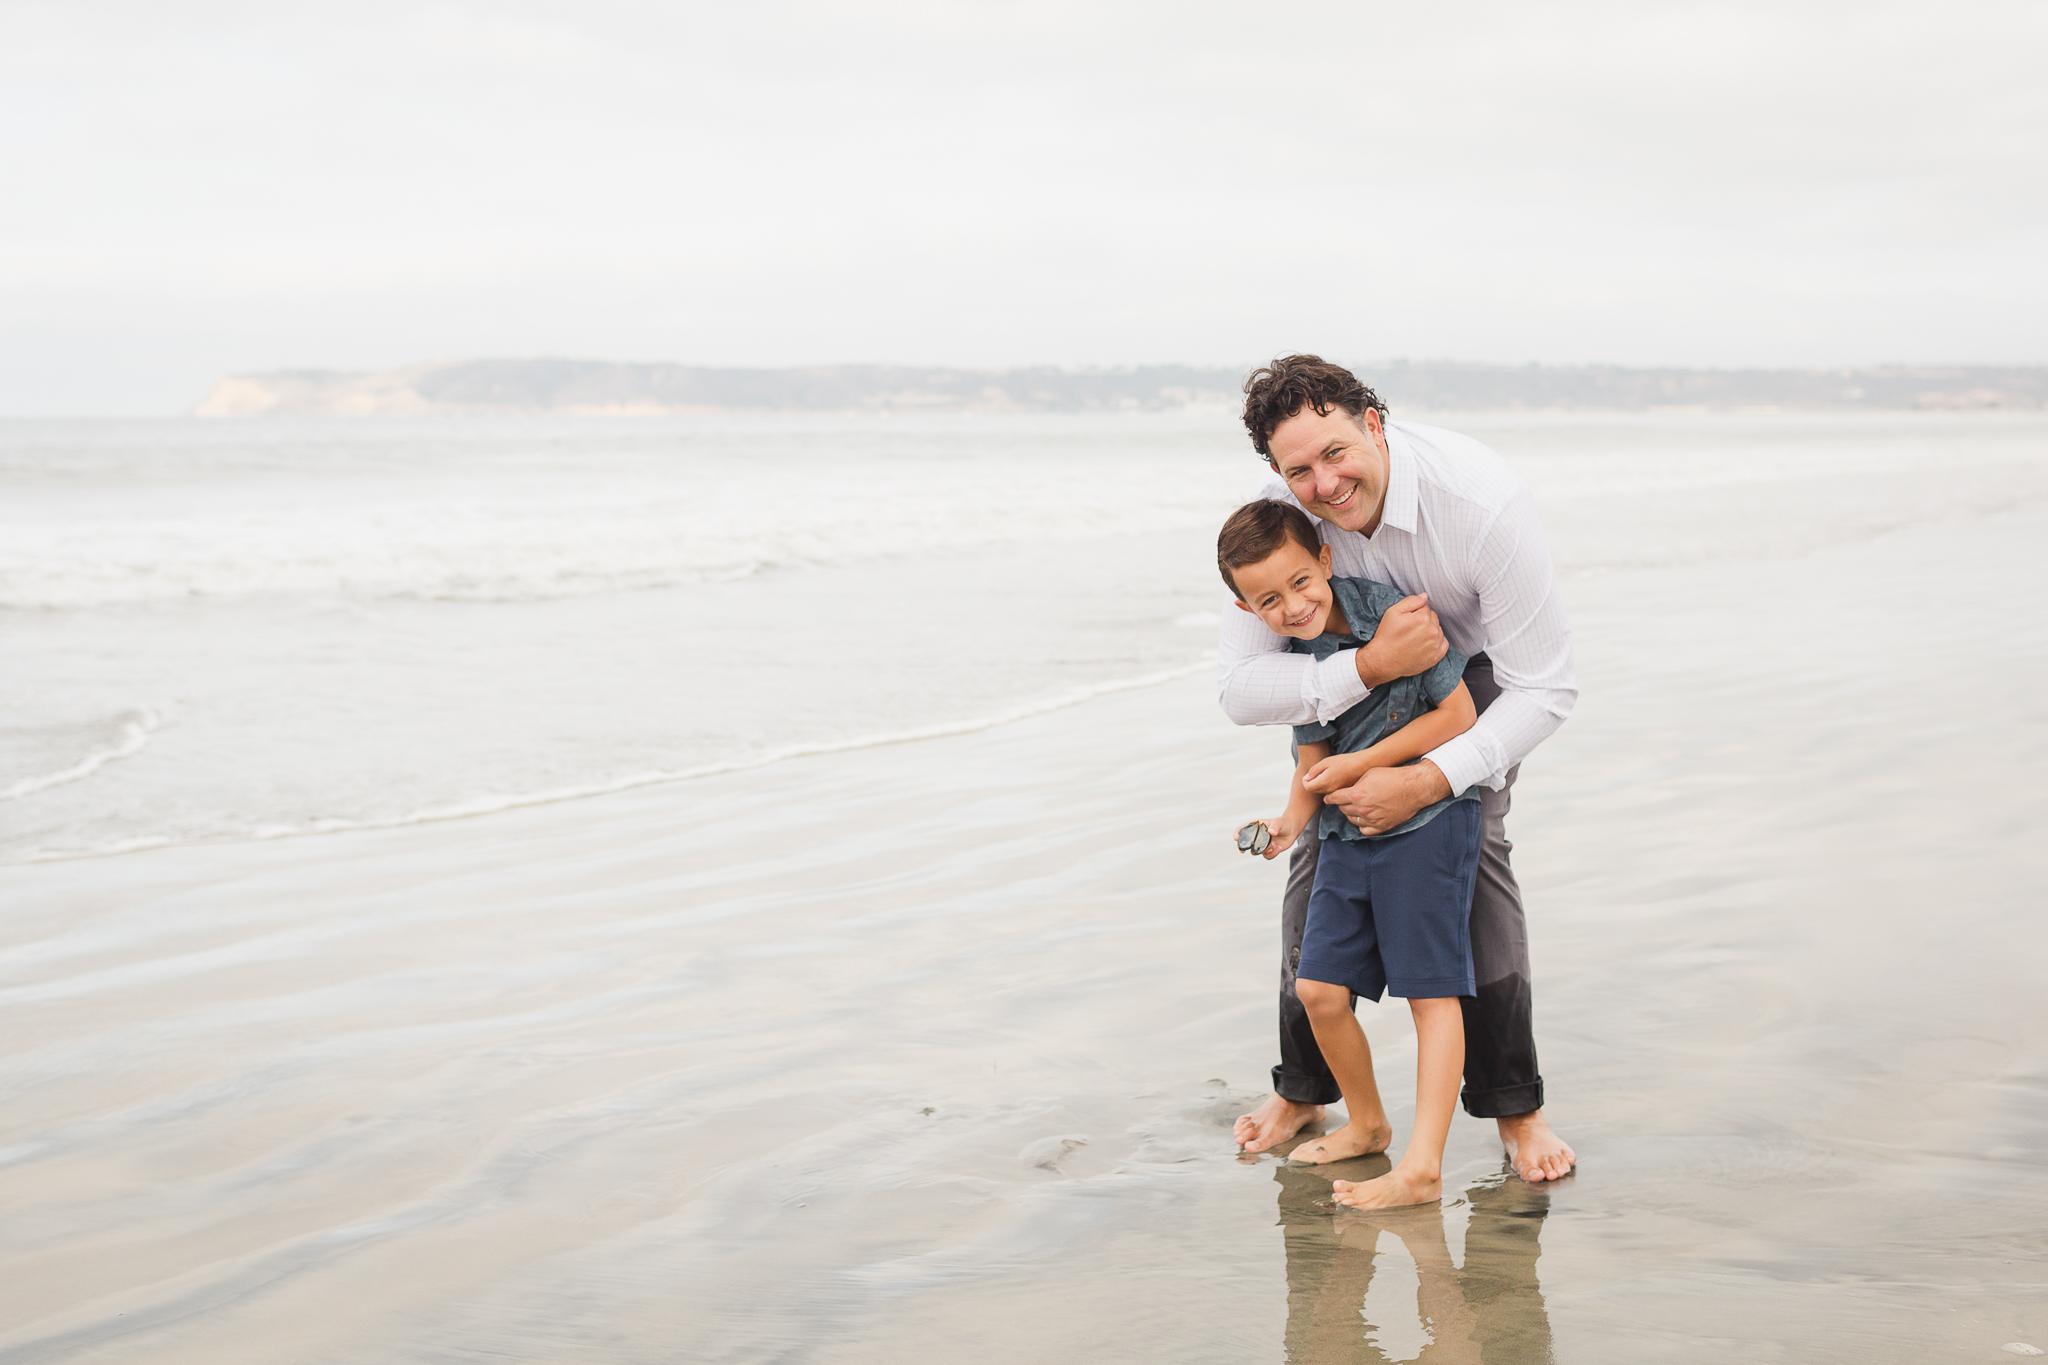 Coronado-Family-Photographer-Vacation-Photos-WS-36.jpg